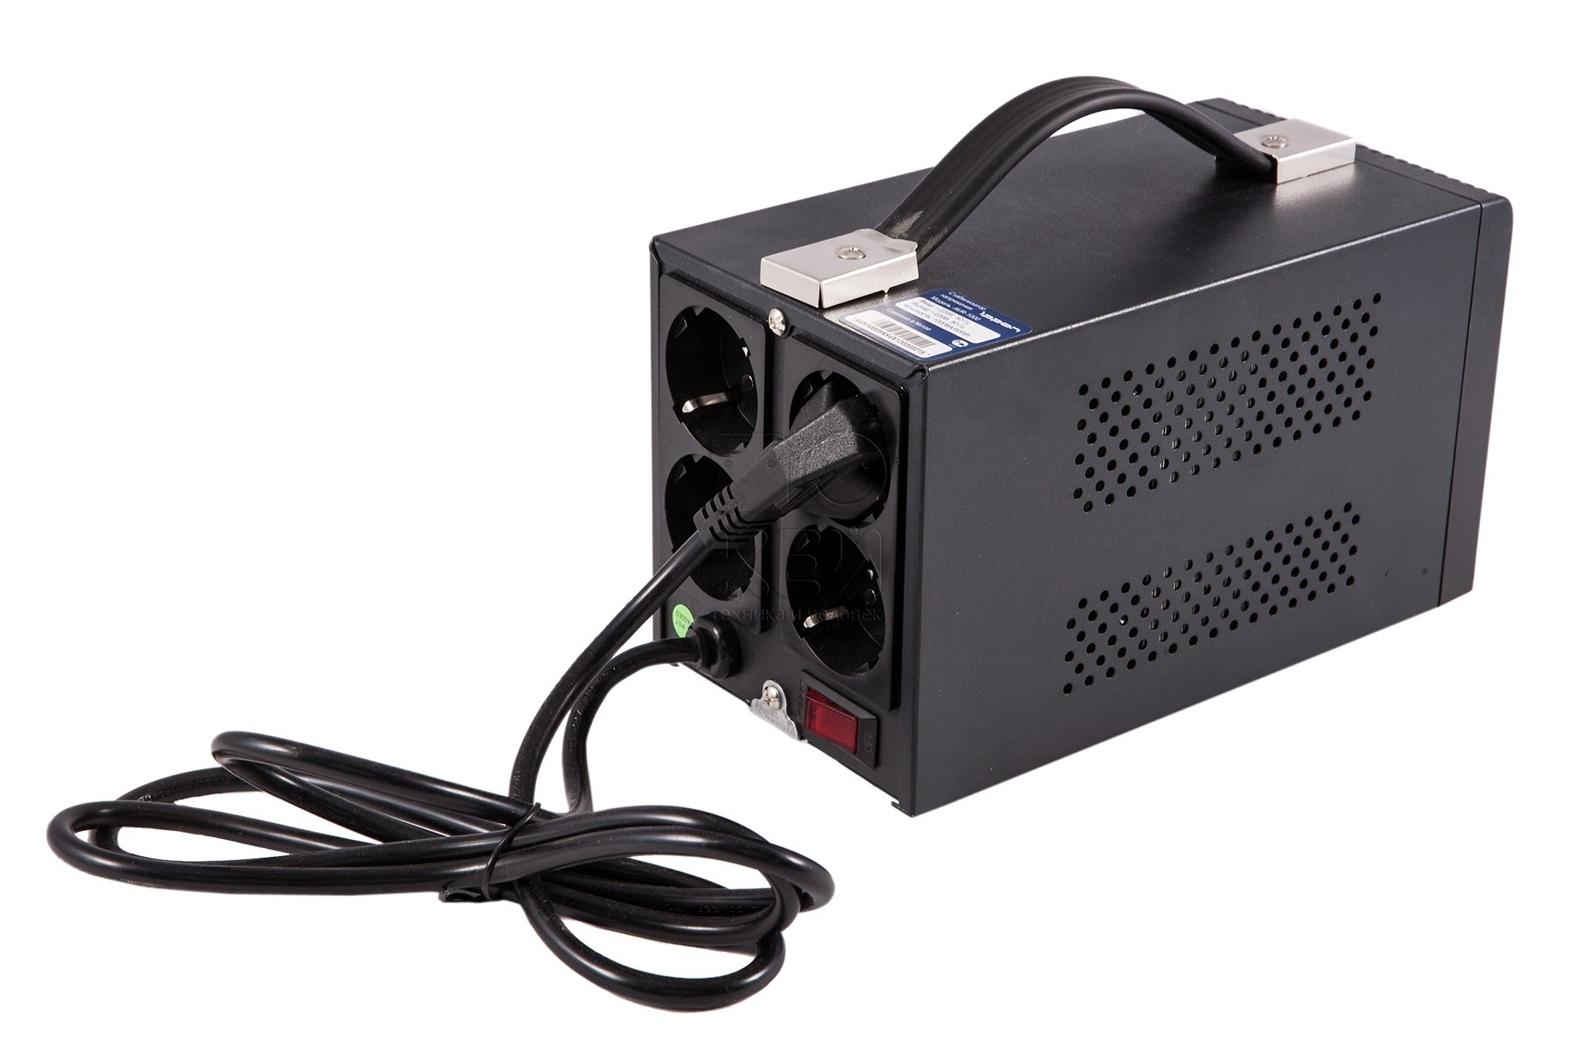 Стабилизатор напряжения Ippon AVR-20009003-3005-00PСтабилизатор напряжения IPPON AVR-2000 предназначен для защиты компьютерной техники, аудио и видео аппаратуры, бытовых электроприборов от нестабильной подачи электроэнергии и сбоев в сети. Суммарная потребляемая мощность подключенной нагрузки не должна превосходить 2000 ВА или 1200 Вт.